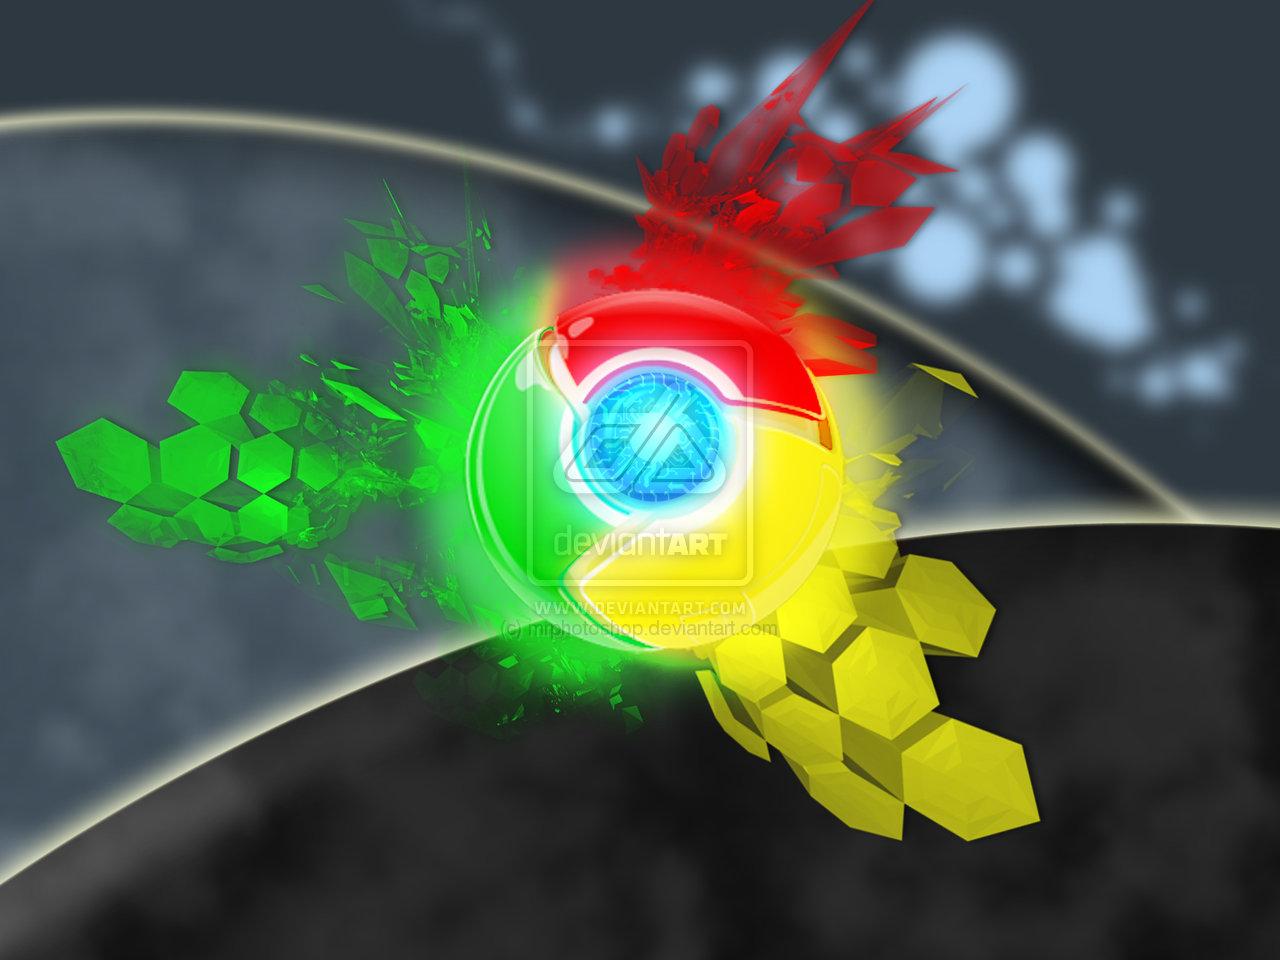 http://2.bp.blogspot.com/-qm4dHCumZCA/T6eEcE0ejGI/AAAAAAAAEYI/HhtGeLKRz7I/s1600/google+chrome+widescreen+wallpapers2.jpg